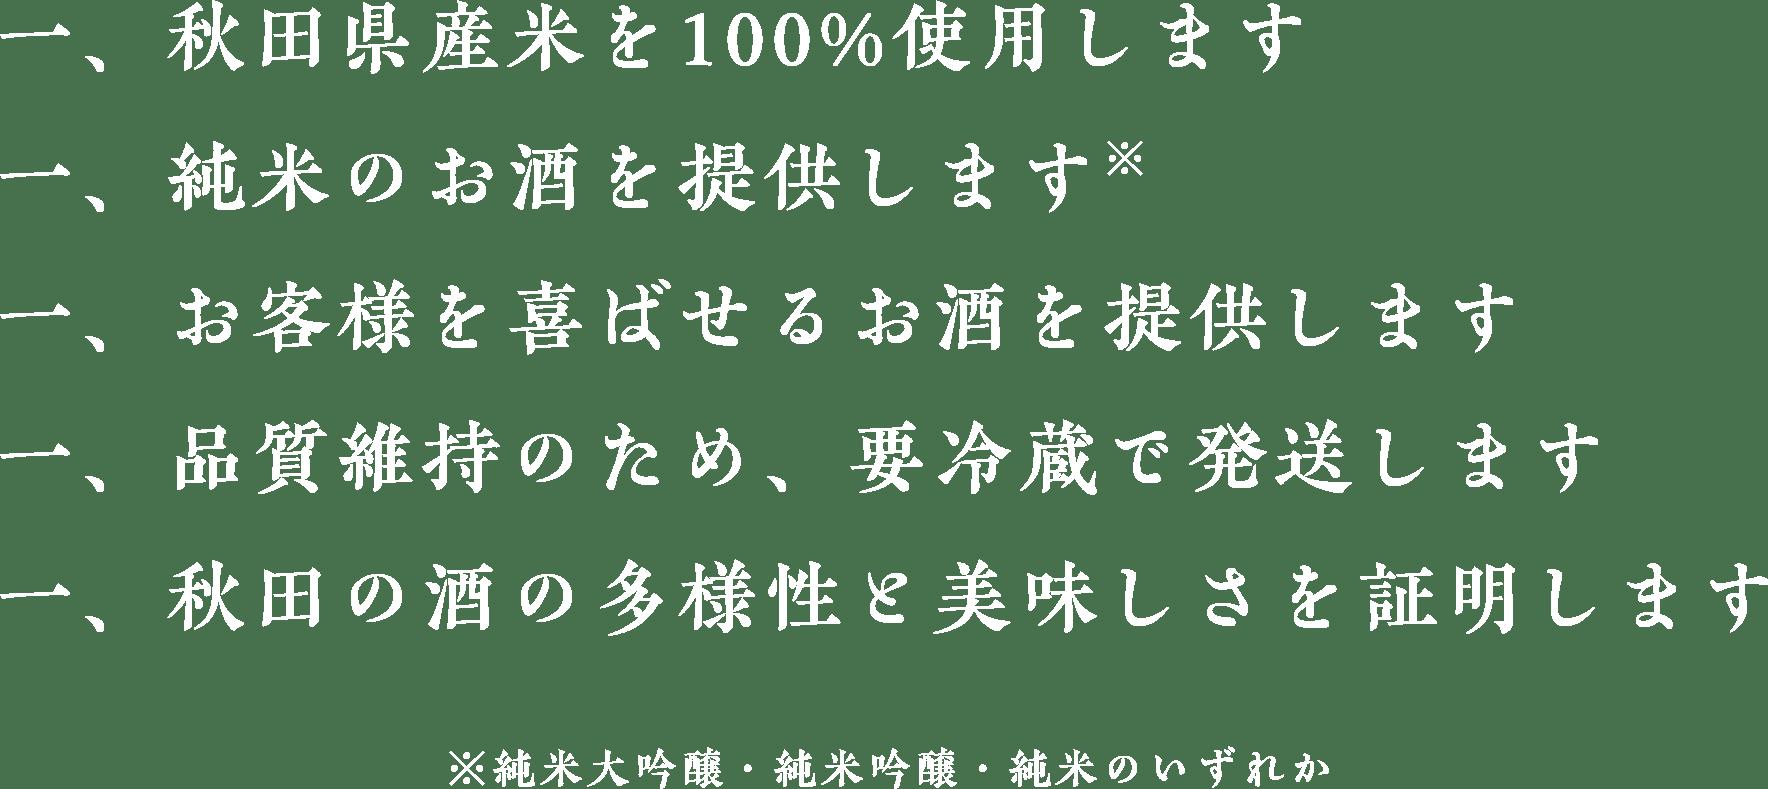 秋田県産米を100%使用します。純米のお酒を提供します。お客様を喜ばせるお酒を提供します。品質維持のため、要冷蔵で発送します。秋田の酒が日本一を証明します。